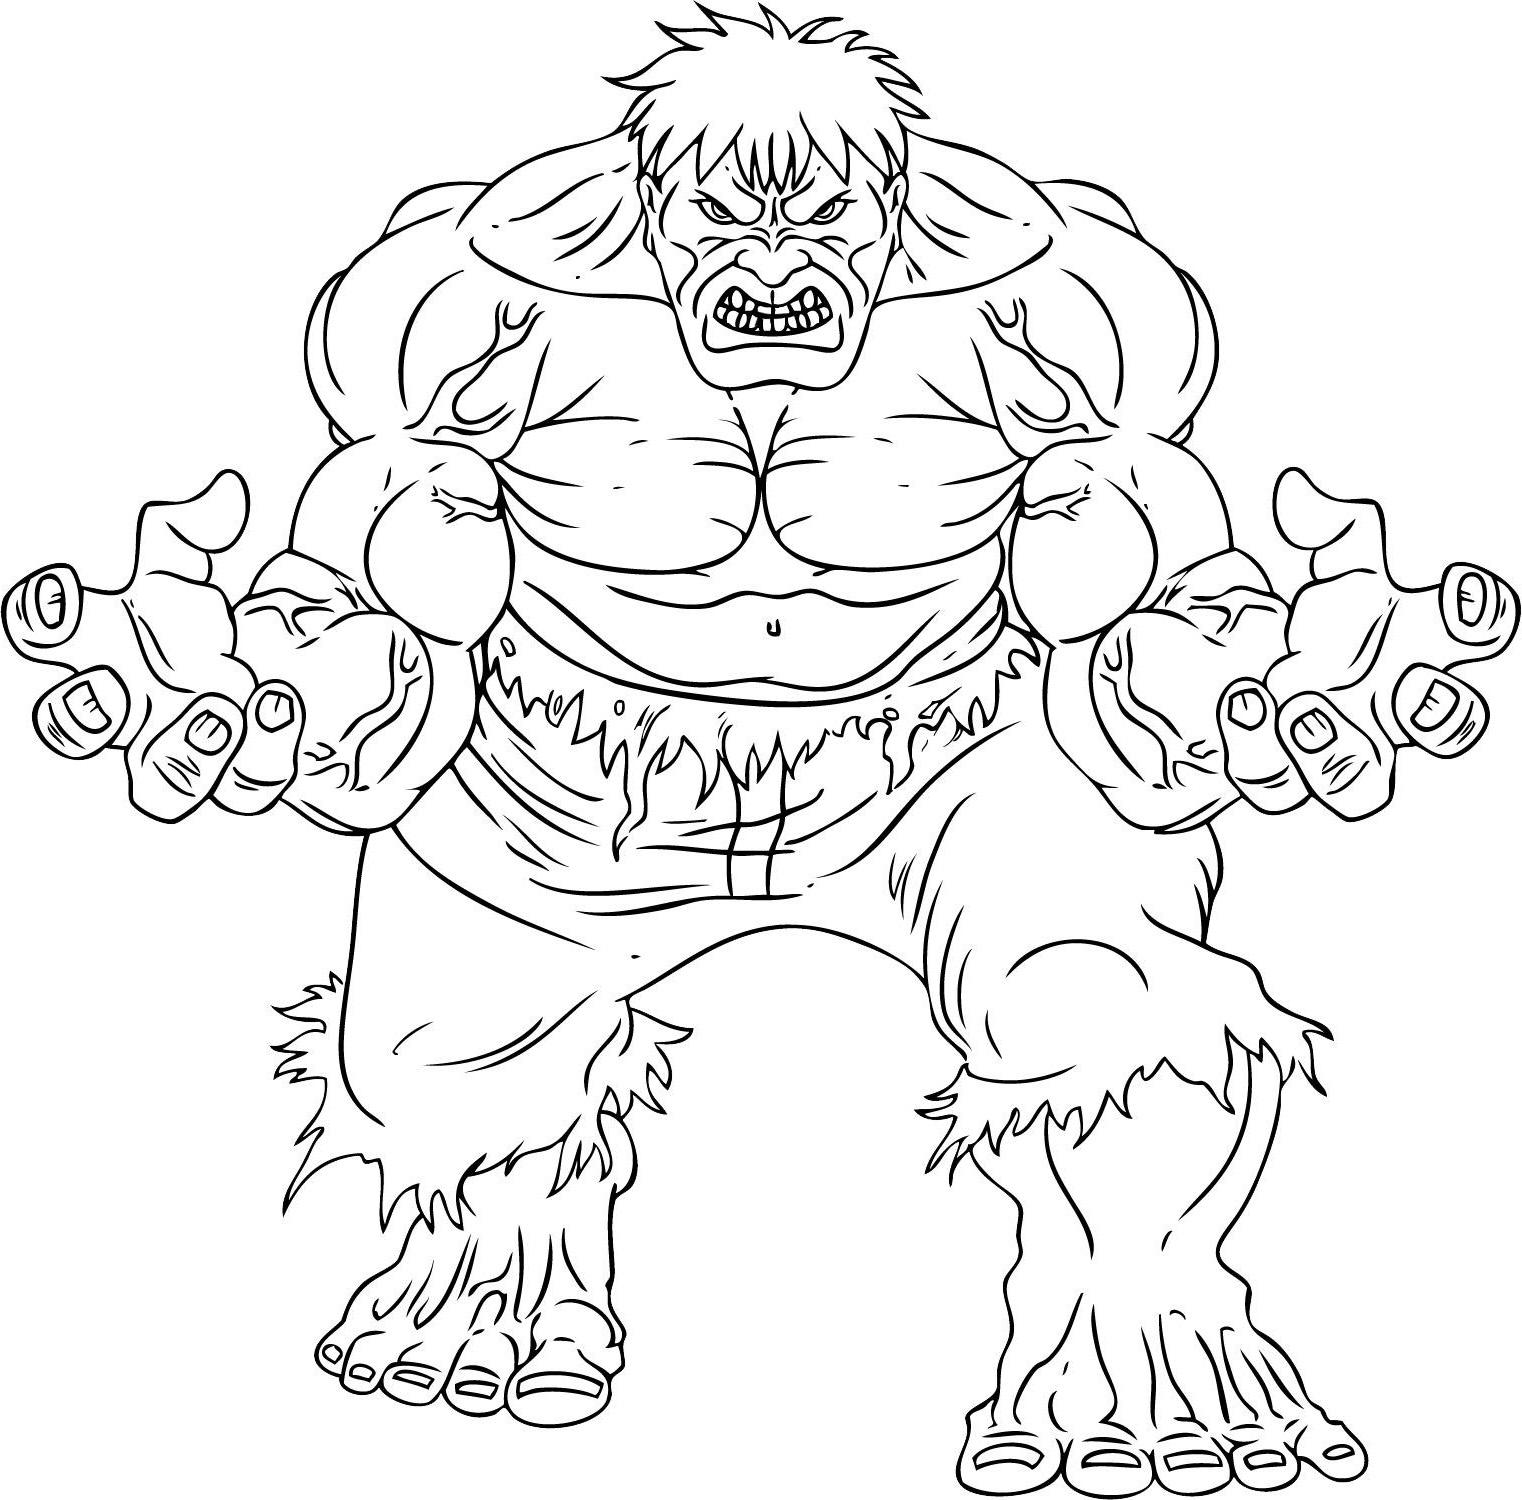 19 dessins de coloriage super h ros a imprimer gratuit - Dessin de super hero ...